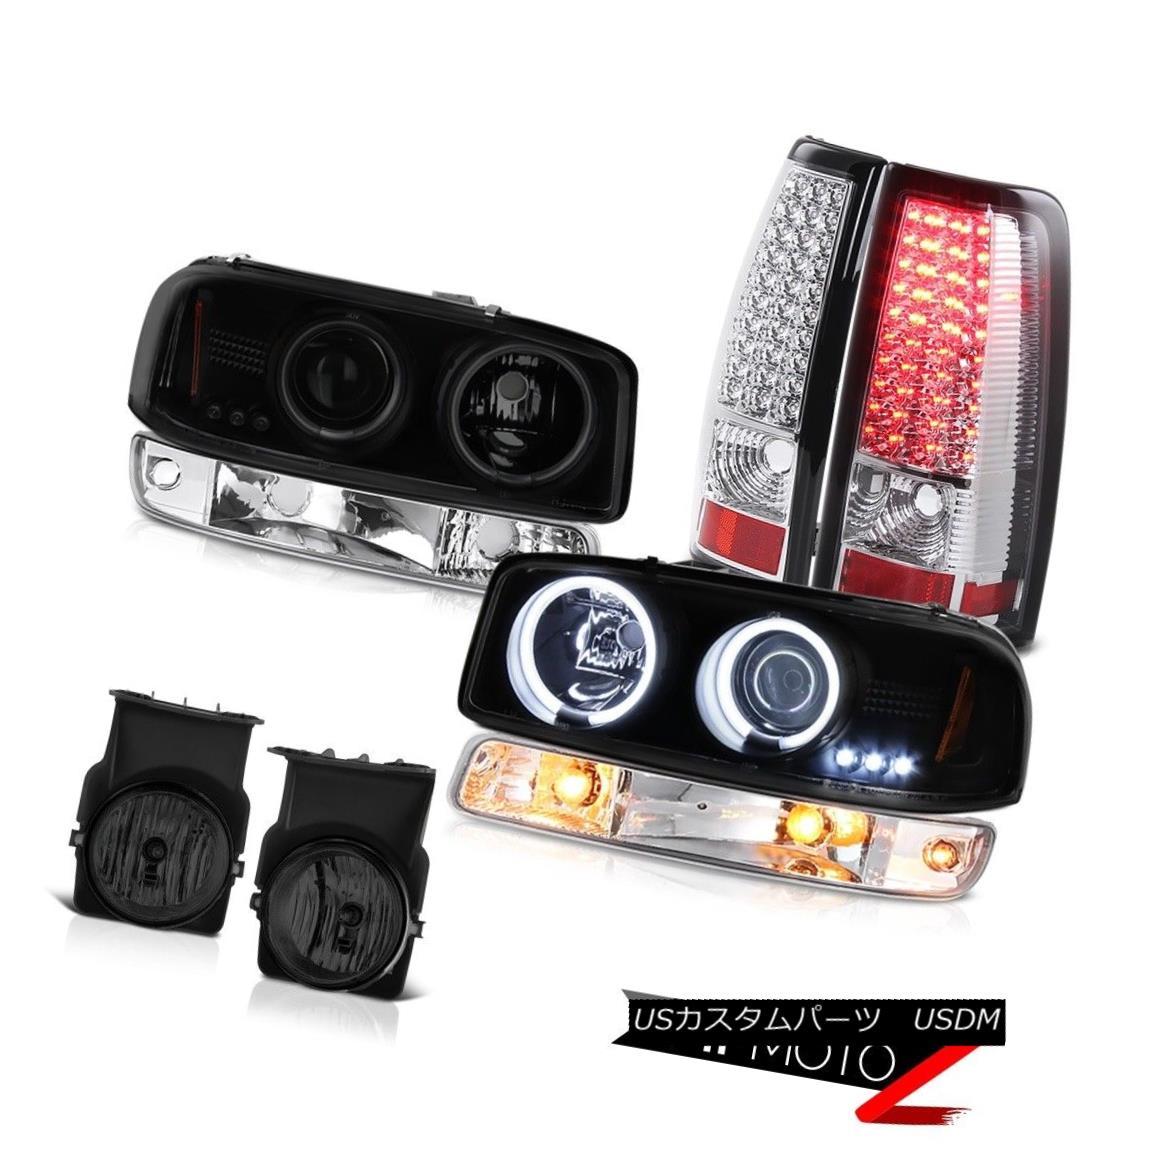 テールライト 03-06 Sierra 2500HD Foglights tail brake lights turn signal headlamps Halo Ring 03-06 Sierra 2500HD Foglightsテールブレーキライト信号ヘッドランプHalo Ring